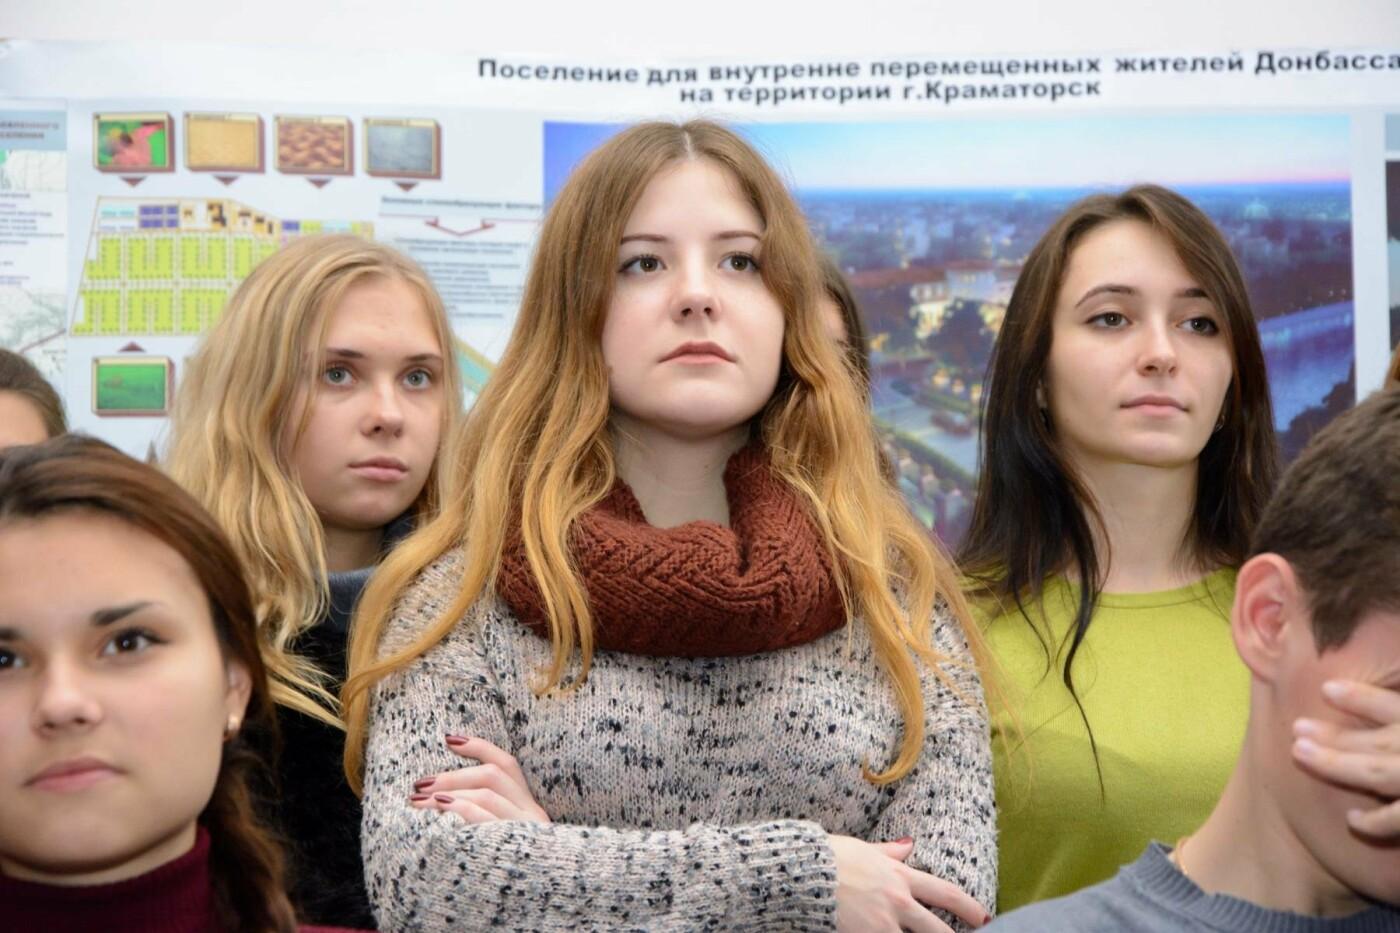 Фонд Бориса Колеснікова запустив масштабний проект для студентів з поїздкою в Дубай, фото-2